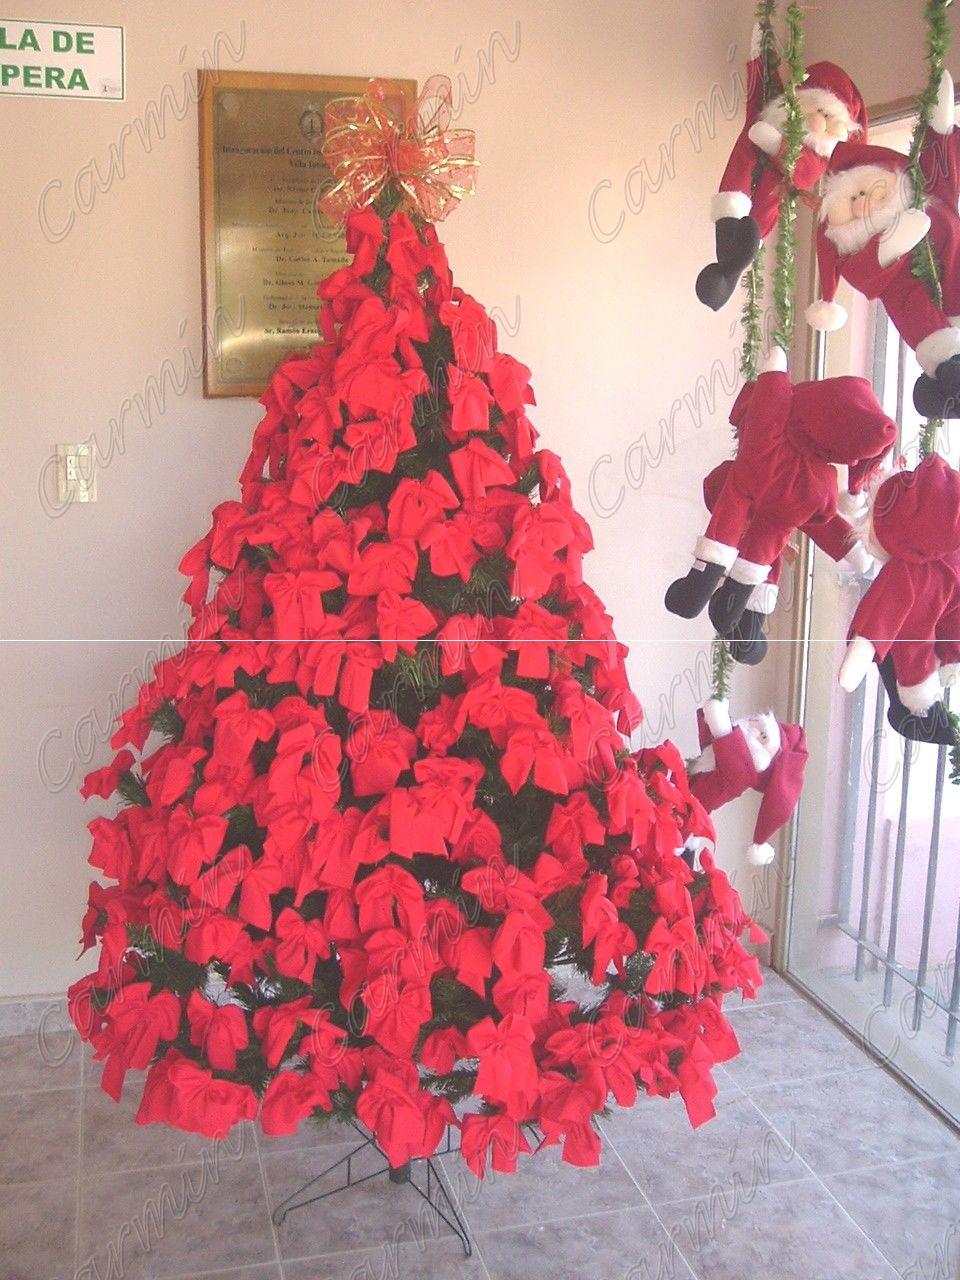 Carmin decoraciones navide as navidad 2012 for Decoracion exterior navidena